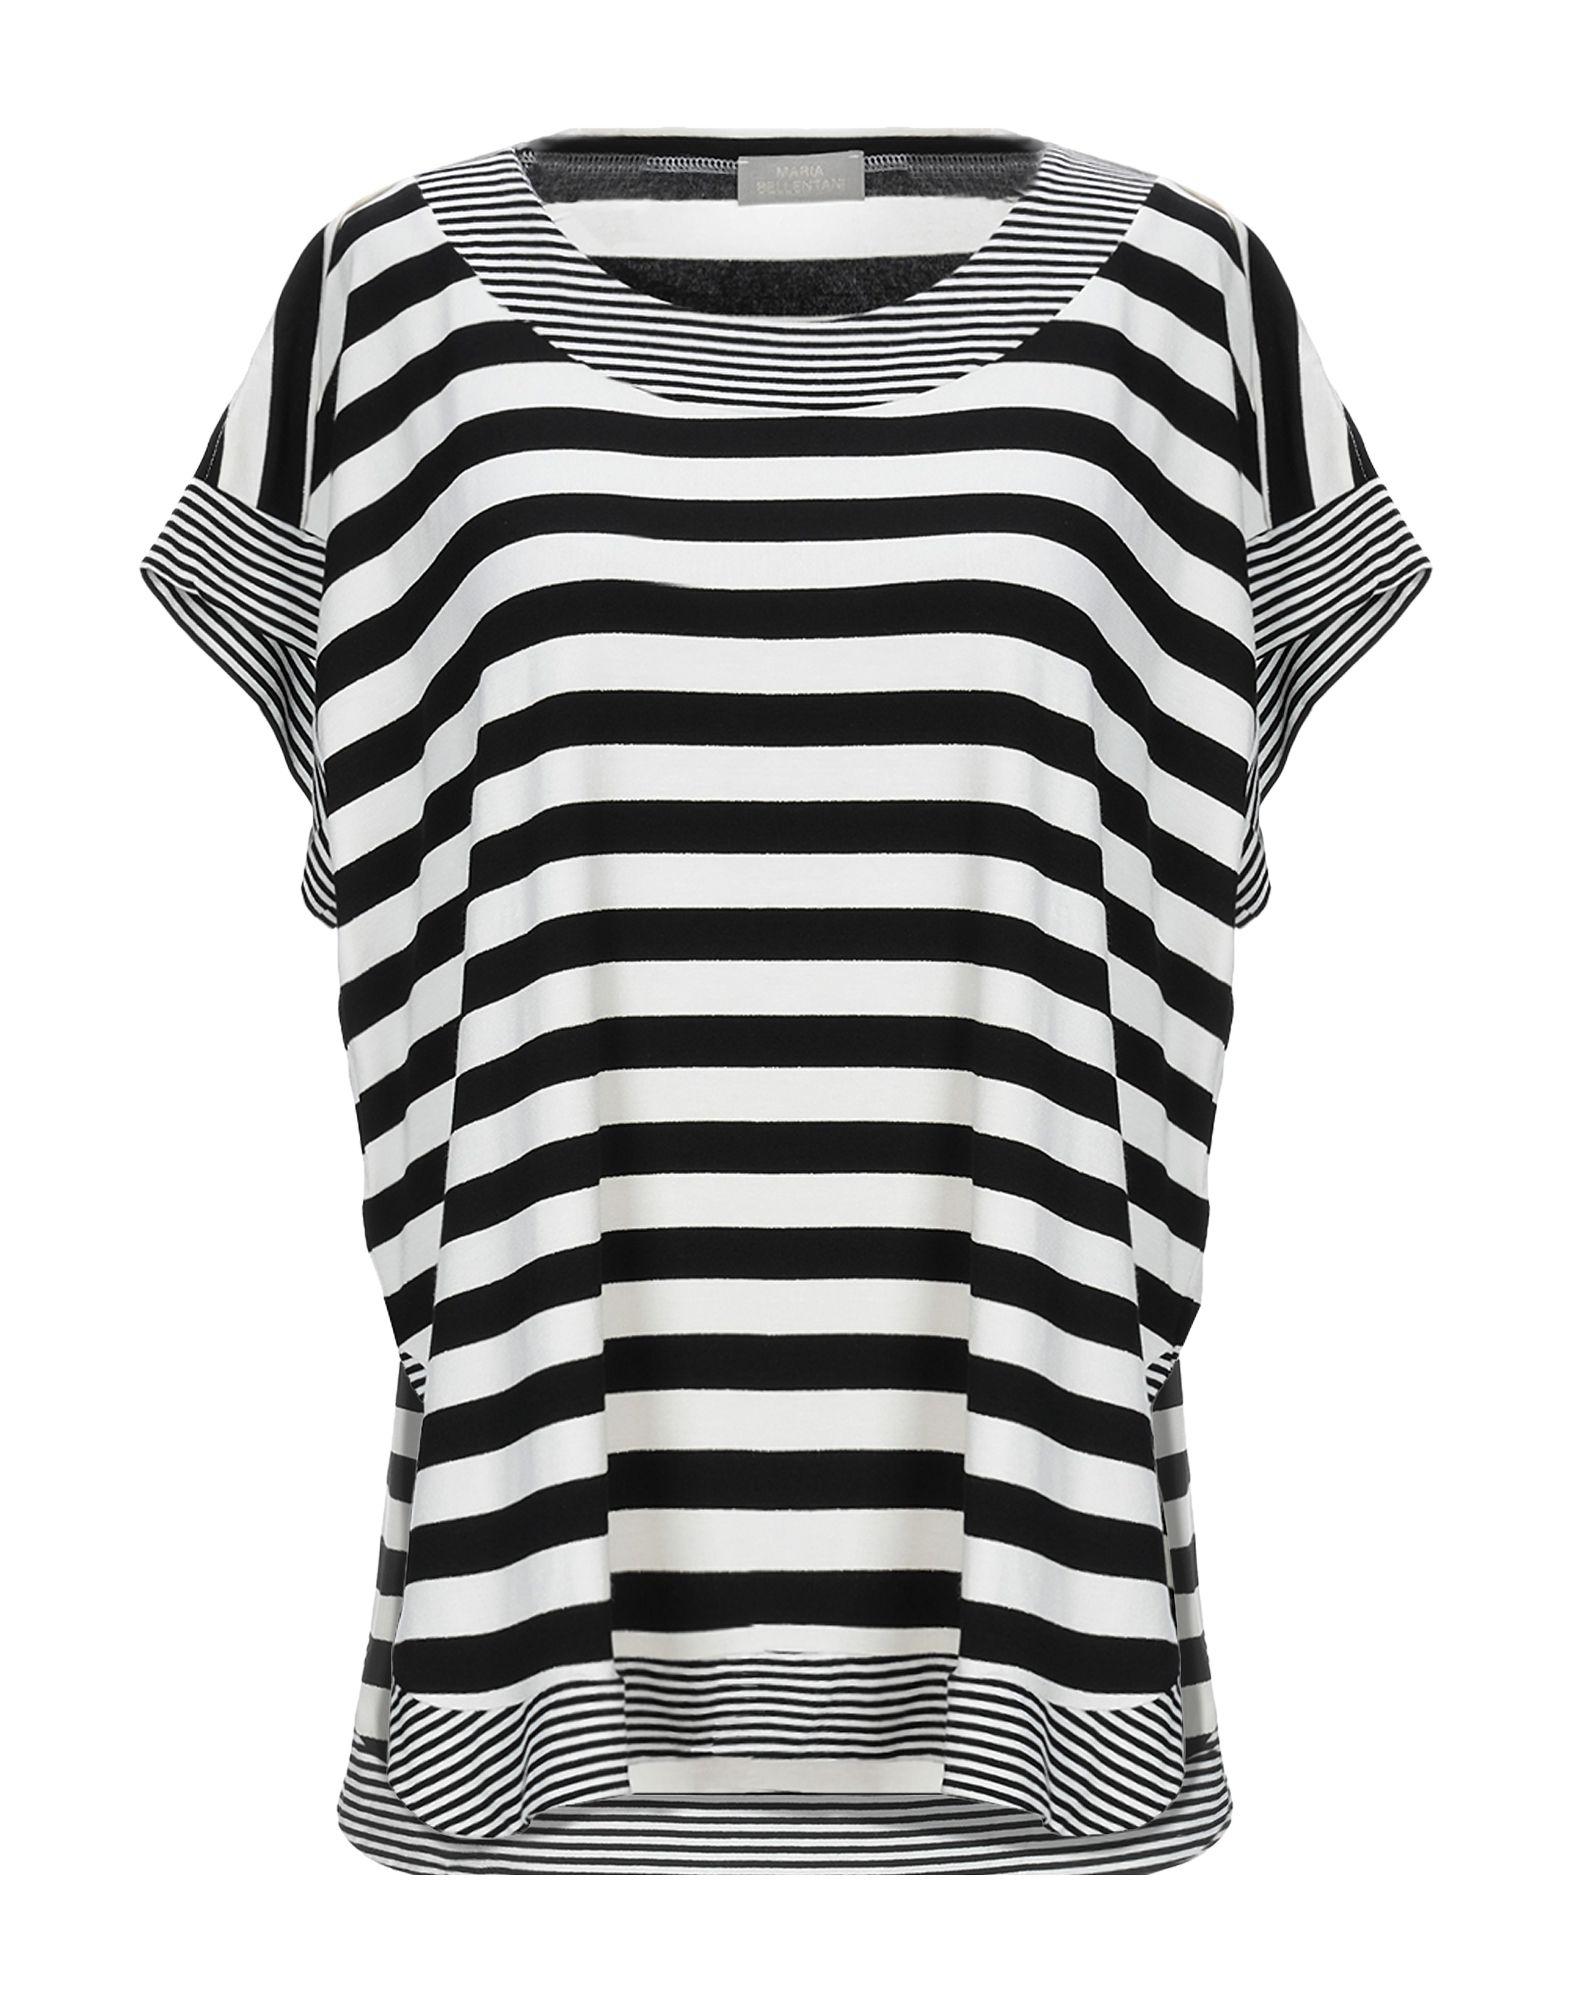 《送料無料》MARIA BELLENTANI レディース T シャツ ブラック XL レーヨン 95% / ポリウレタン 3% / ポリエステル 1% / ナイロン 1%